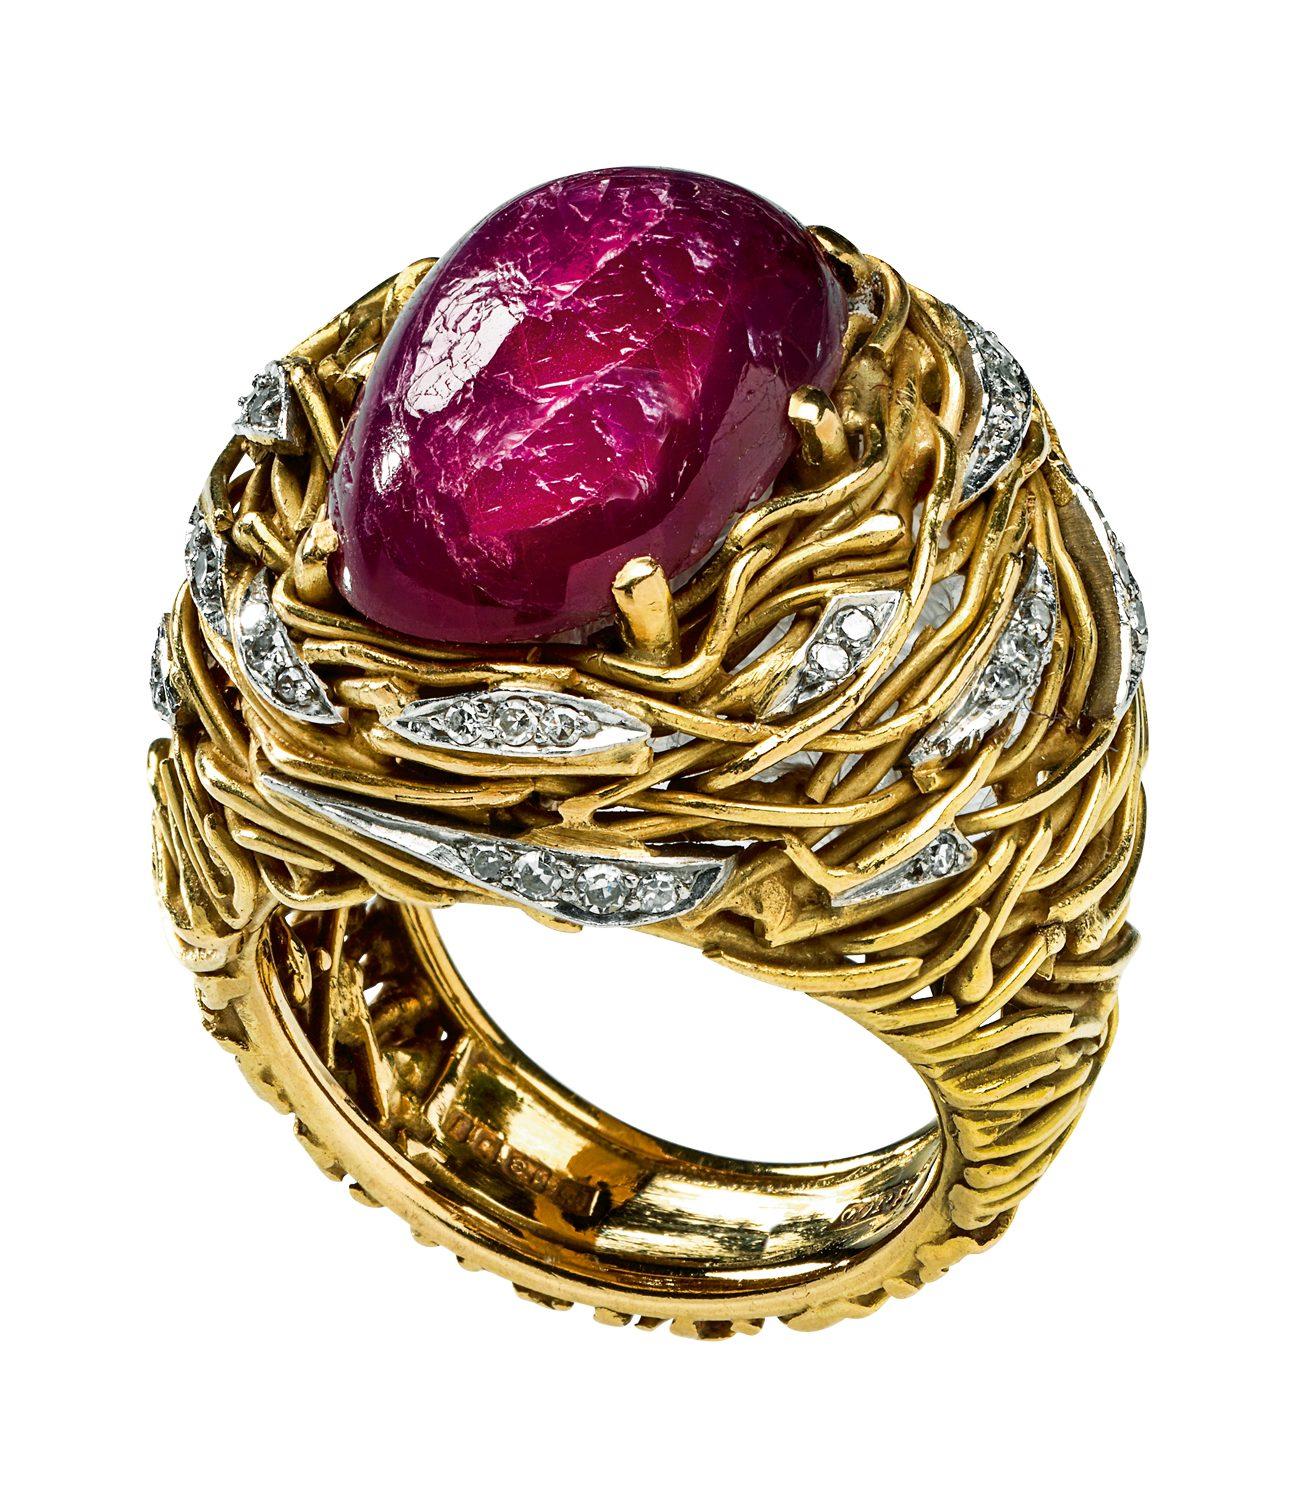 Andrew Grima, ring, 1964. Collectie Alice & Louis Koch. Foto met dank aan Donat Stuppan, Schweizerisches Nationalmuseum©